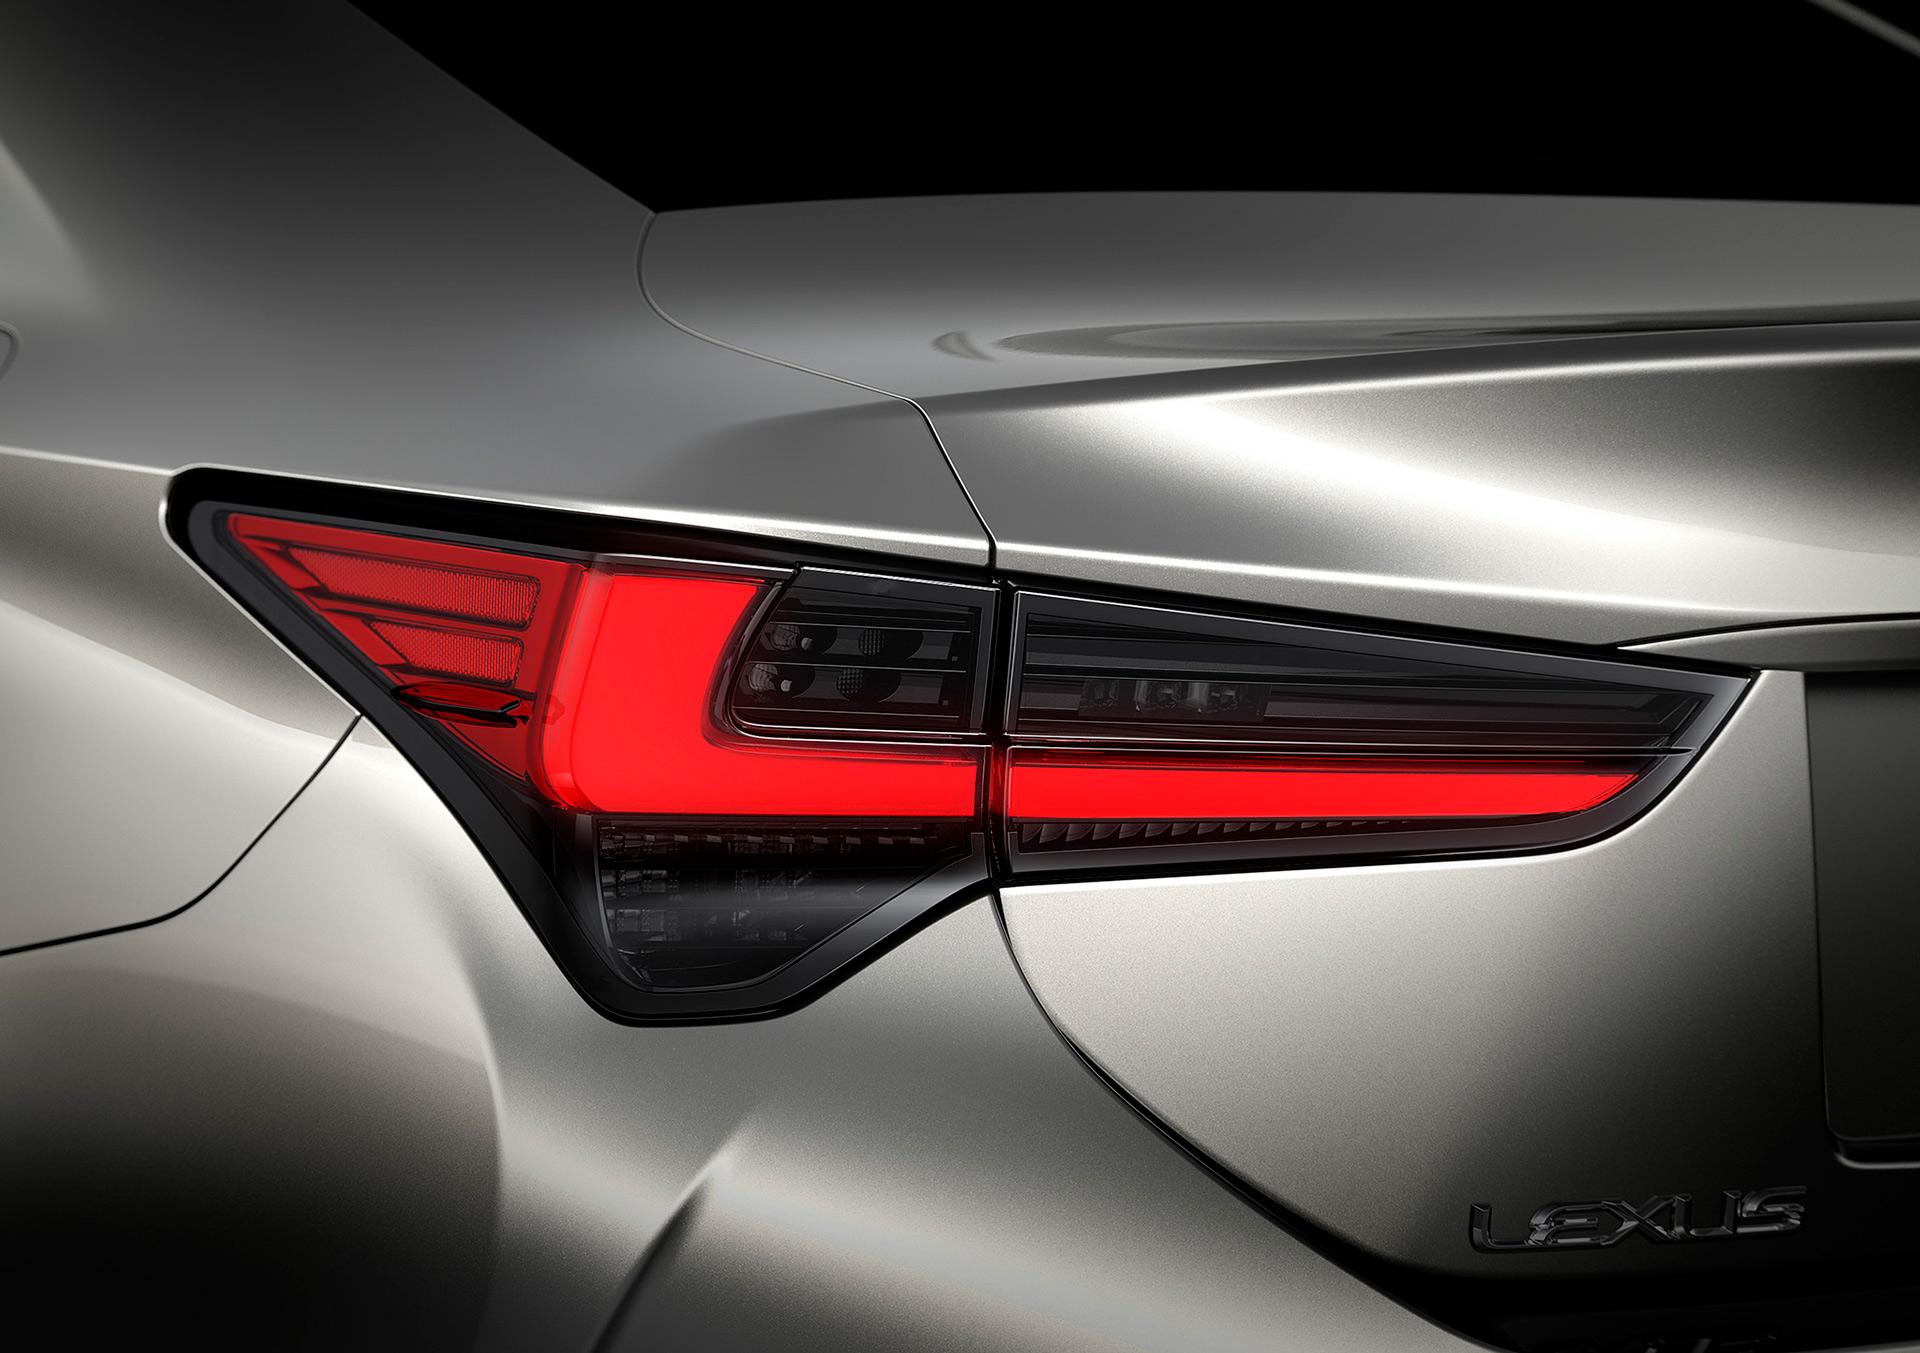 「【新車】レクサスRCがマイナーチェンジ。LC譲りのエレガントな外観と高い走行性能を獲得」の2枚目の画像